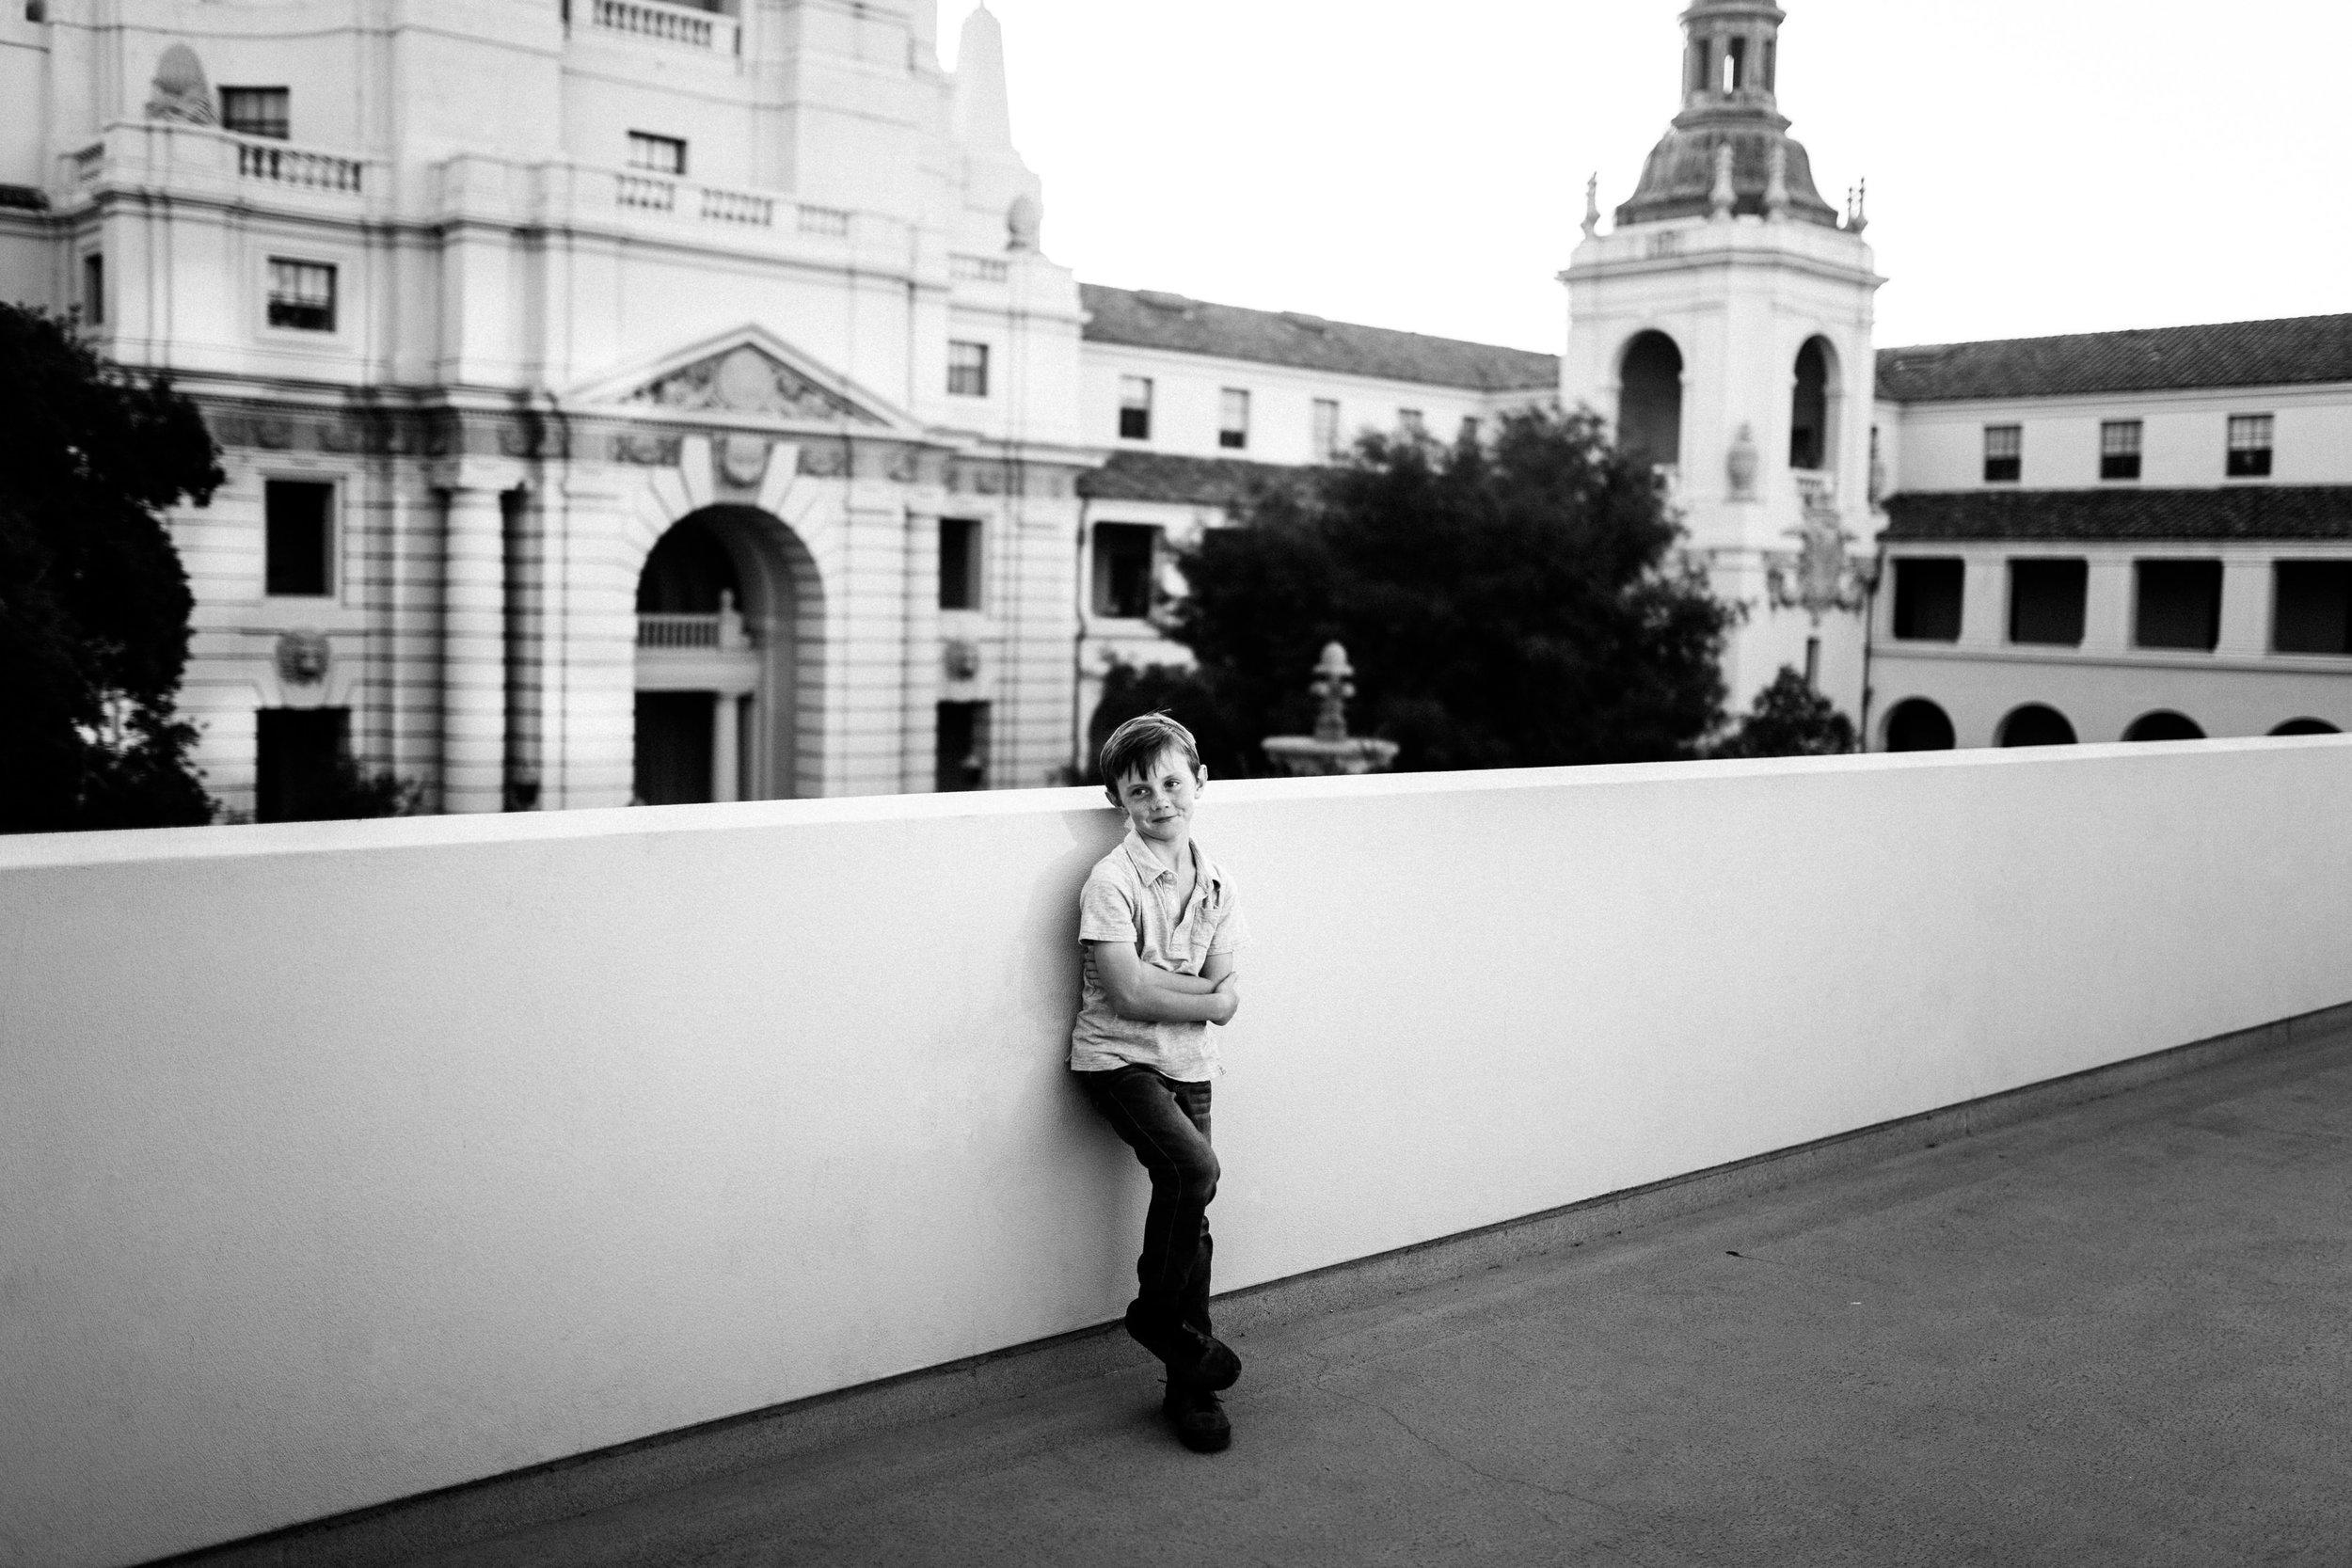 Pasadena City Hall Family Photography Session 22.jpg